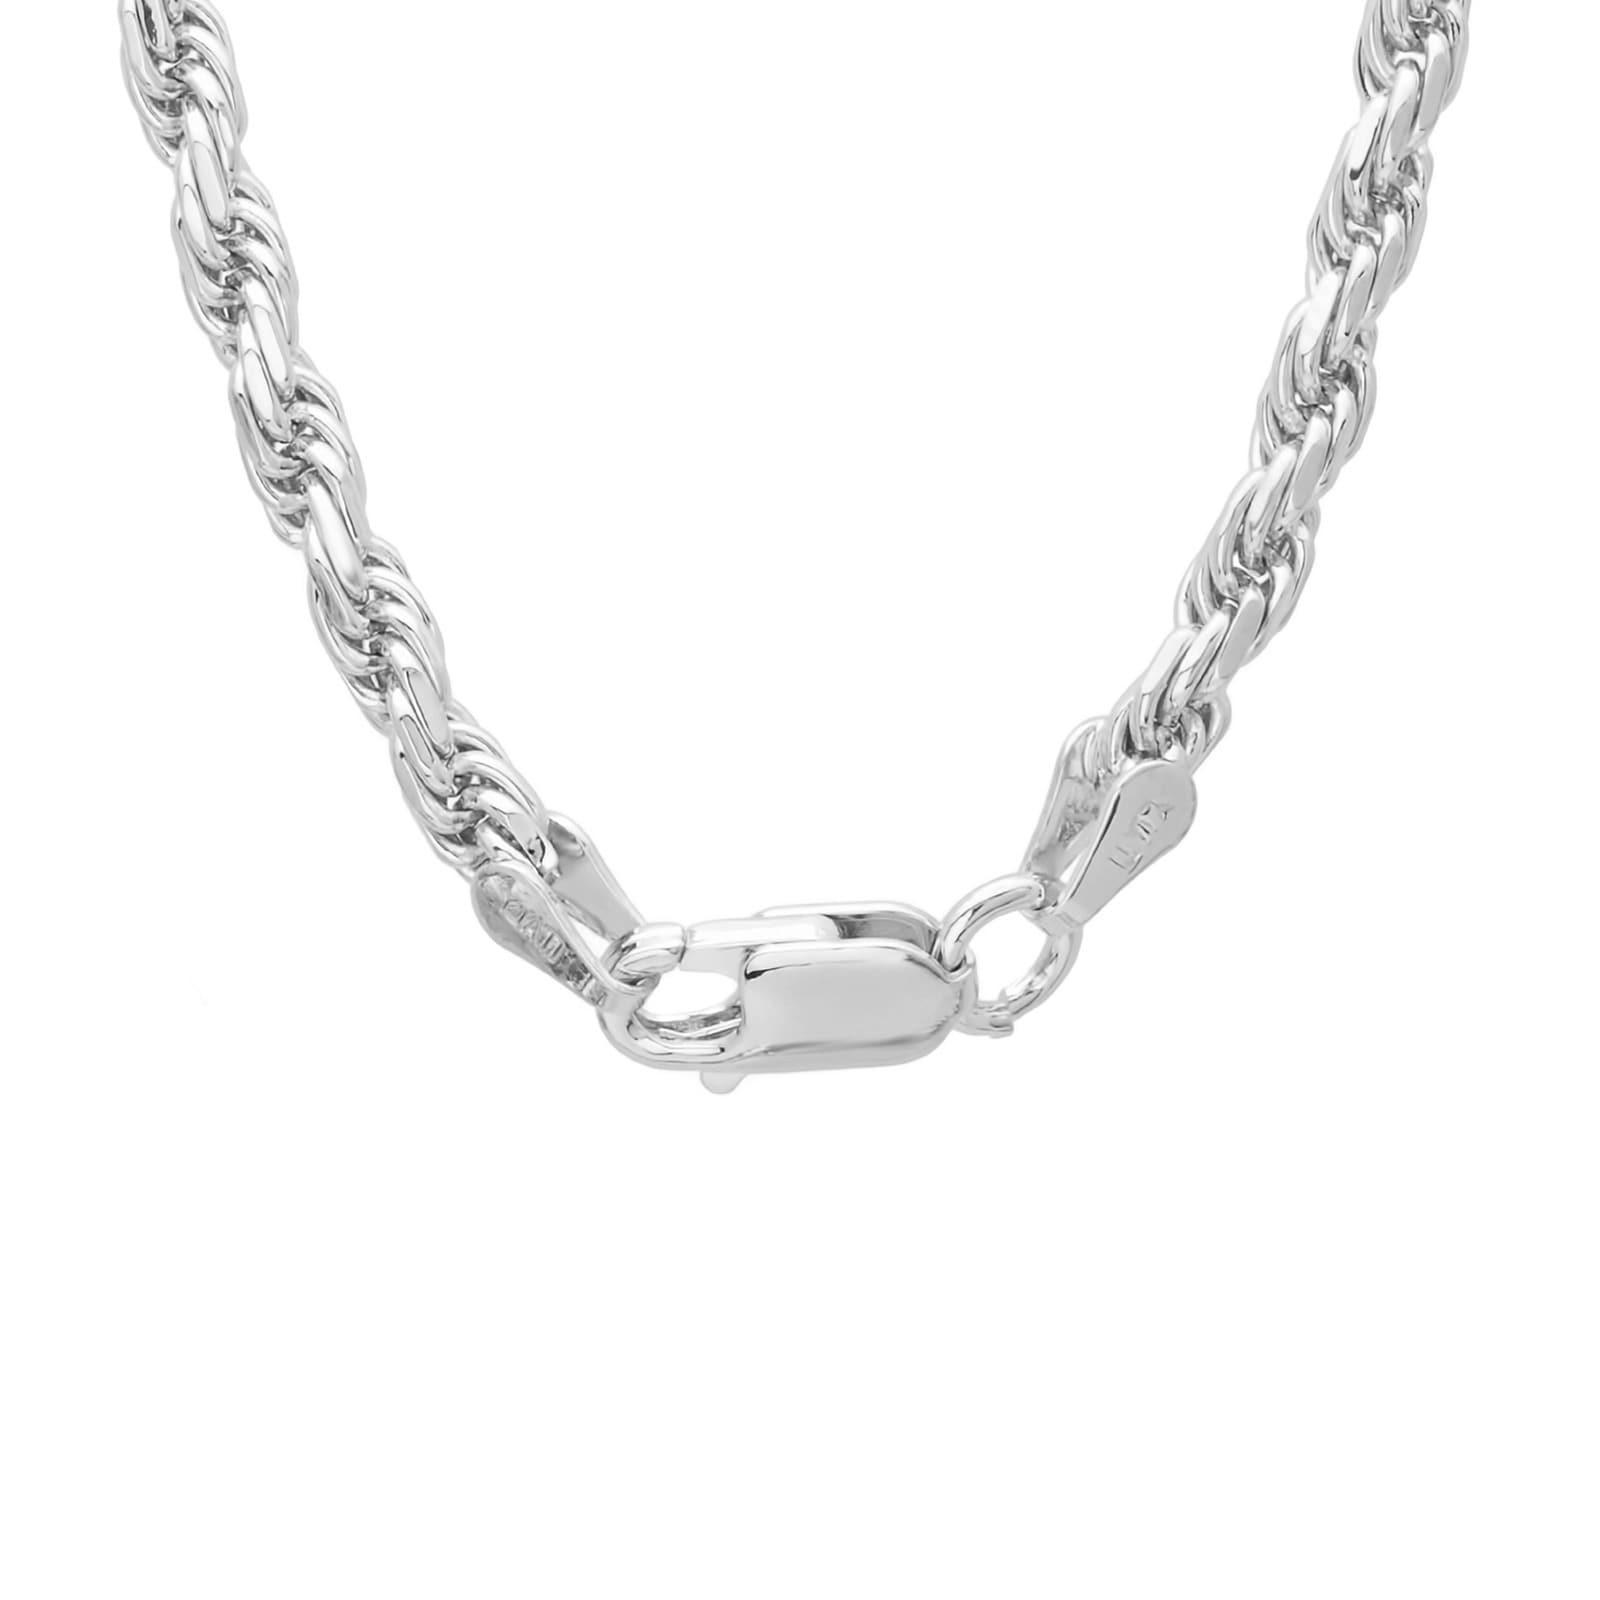 ce870a12d2f2e Roberto Martinez Sterling Silver 24-inch Diamond-Cut Rope Chain (2.5mm)